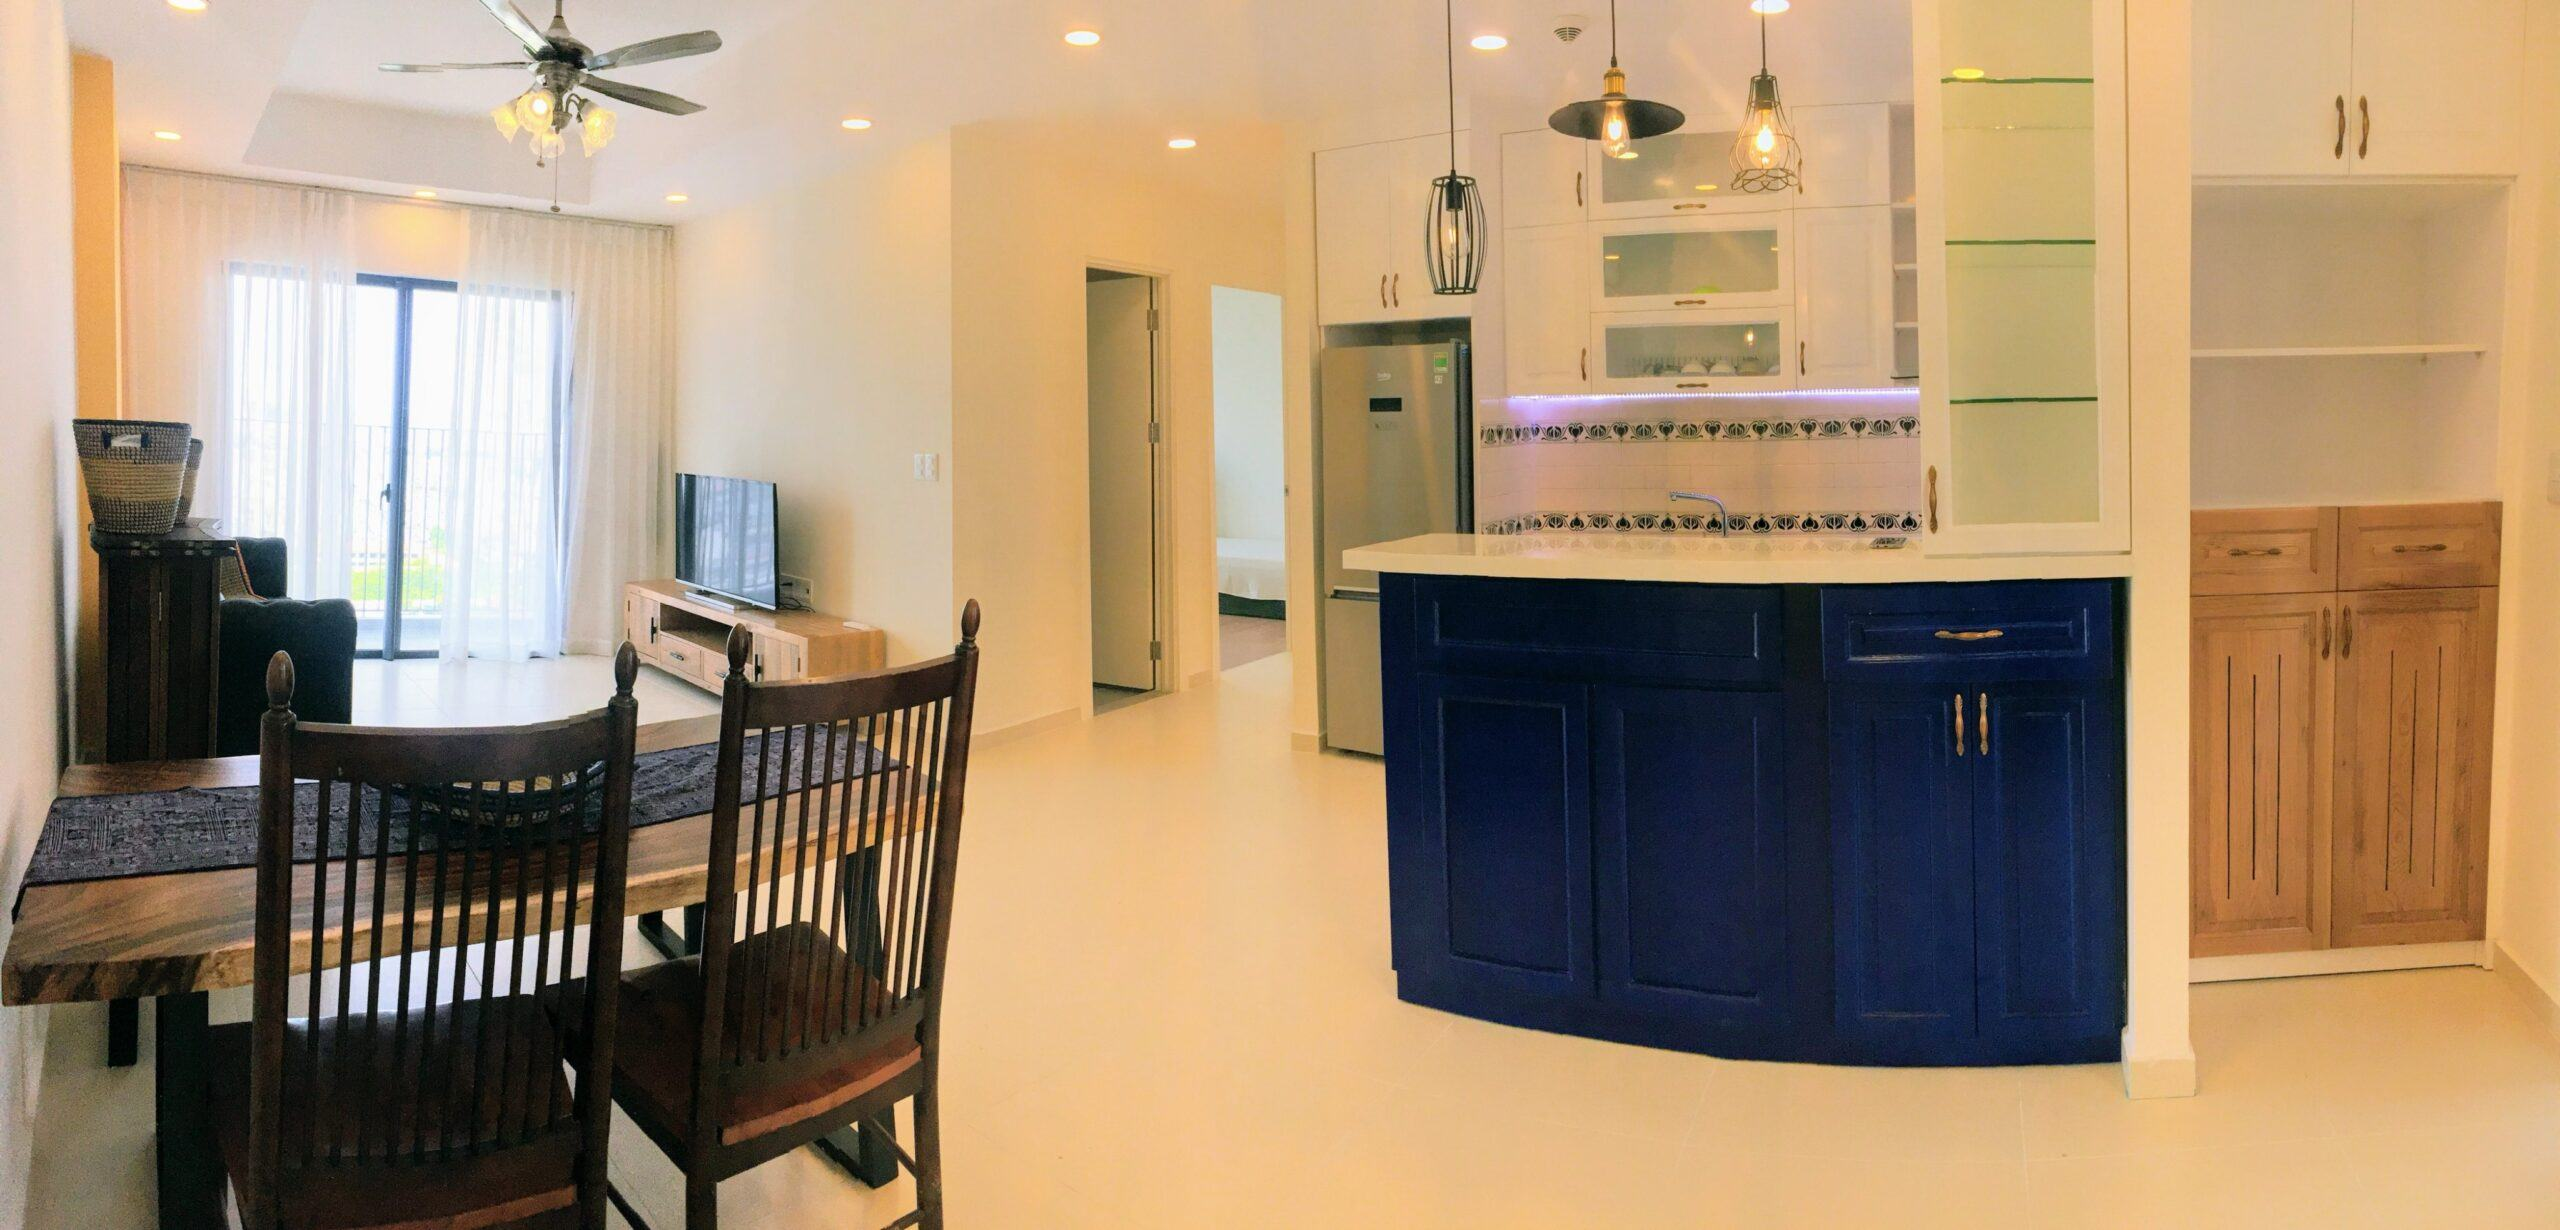 Cho thuê căn hộ M-One Full nội thất 3 PN diện tích 93m2 có thương lượng cho khách dễ thương